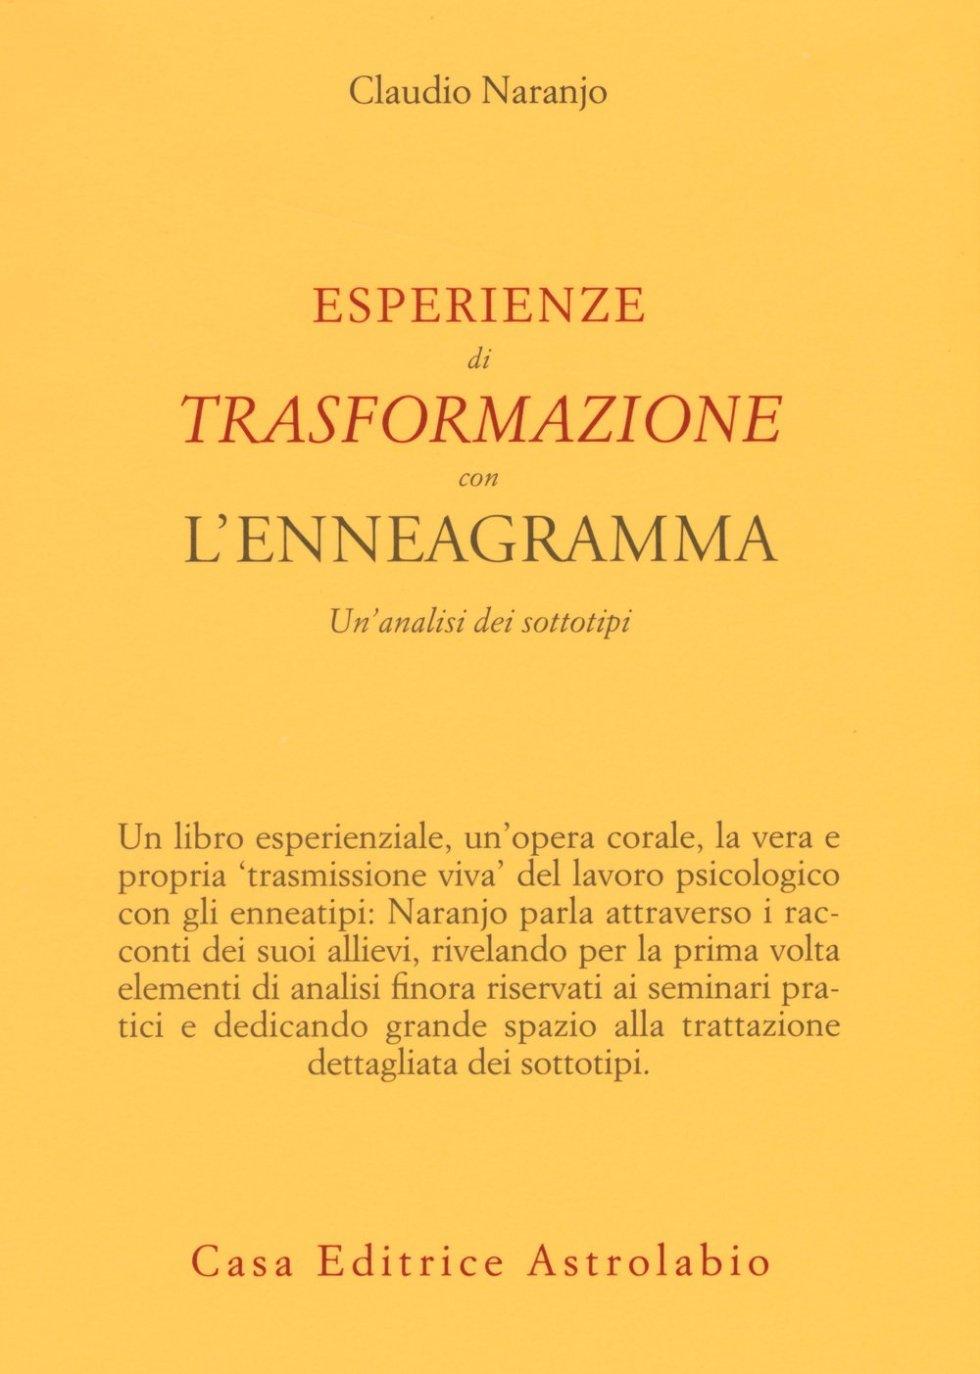 Esperienze di trasformazione con l'enneagramma. Un'analisi dei sottotipi :  Naranjo, Claudio, Cecchini, Maria Gabriella, Griffith, N.: Amazon.it: Libri